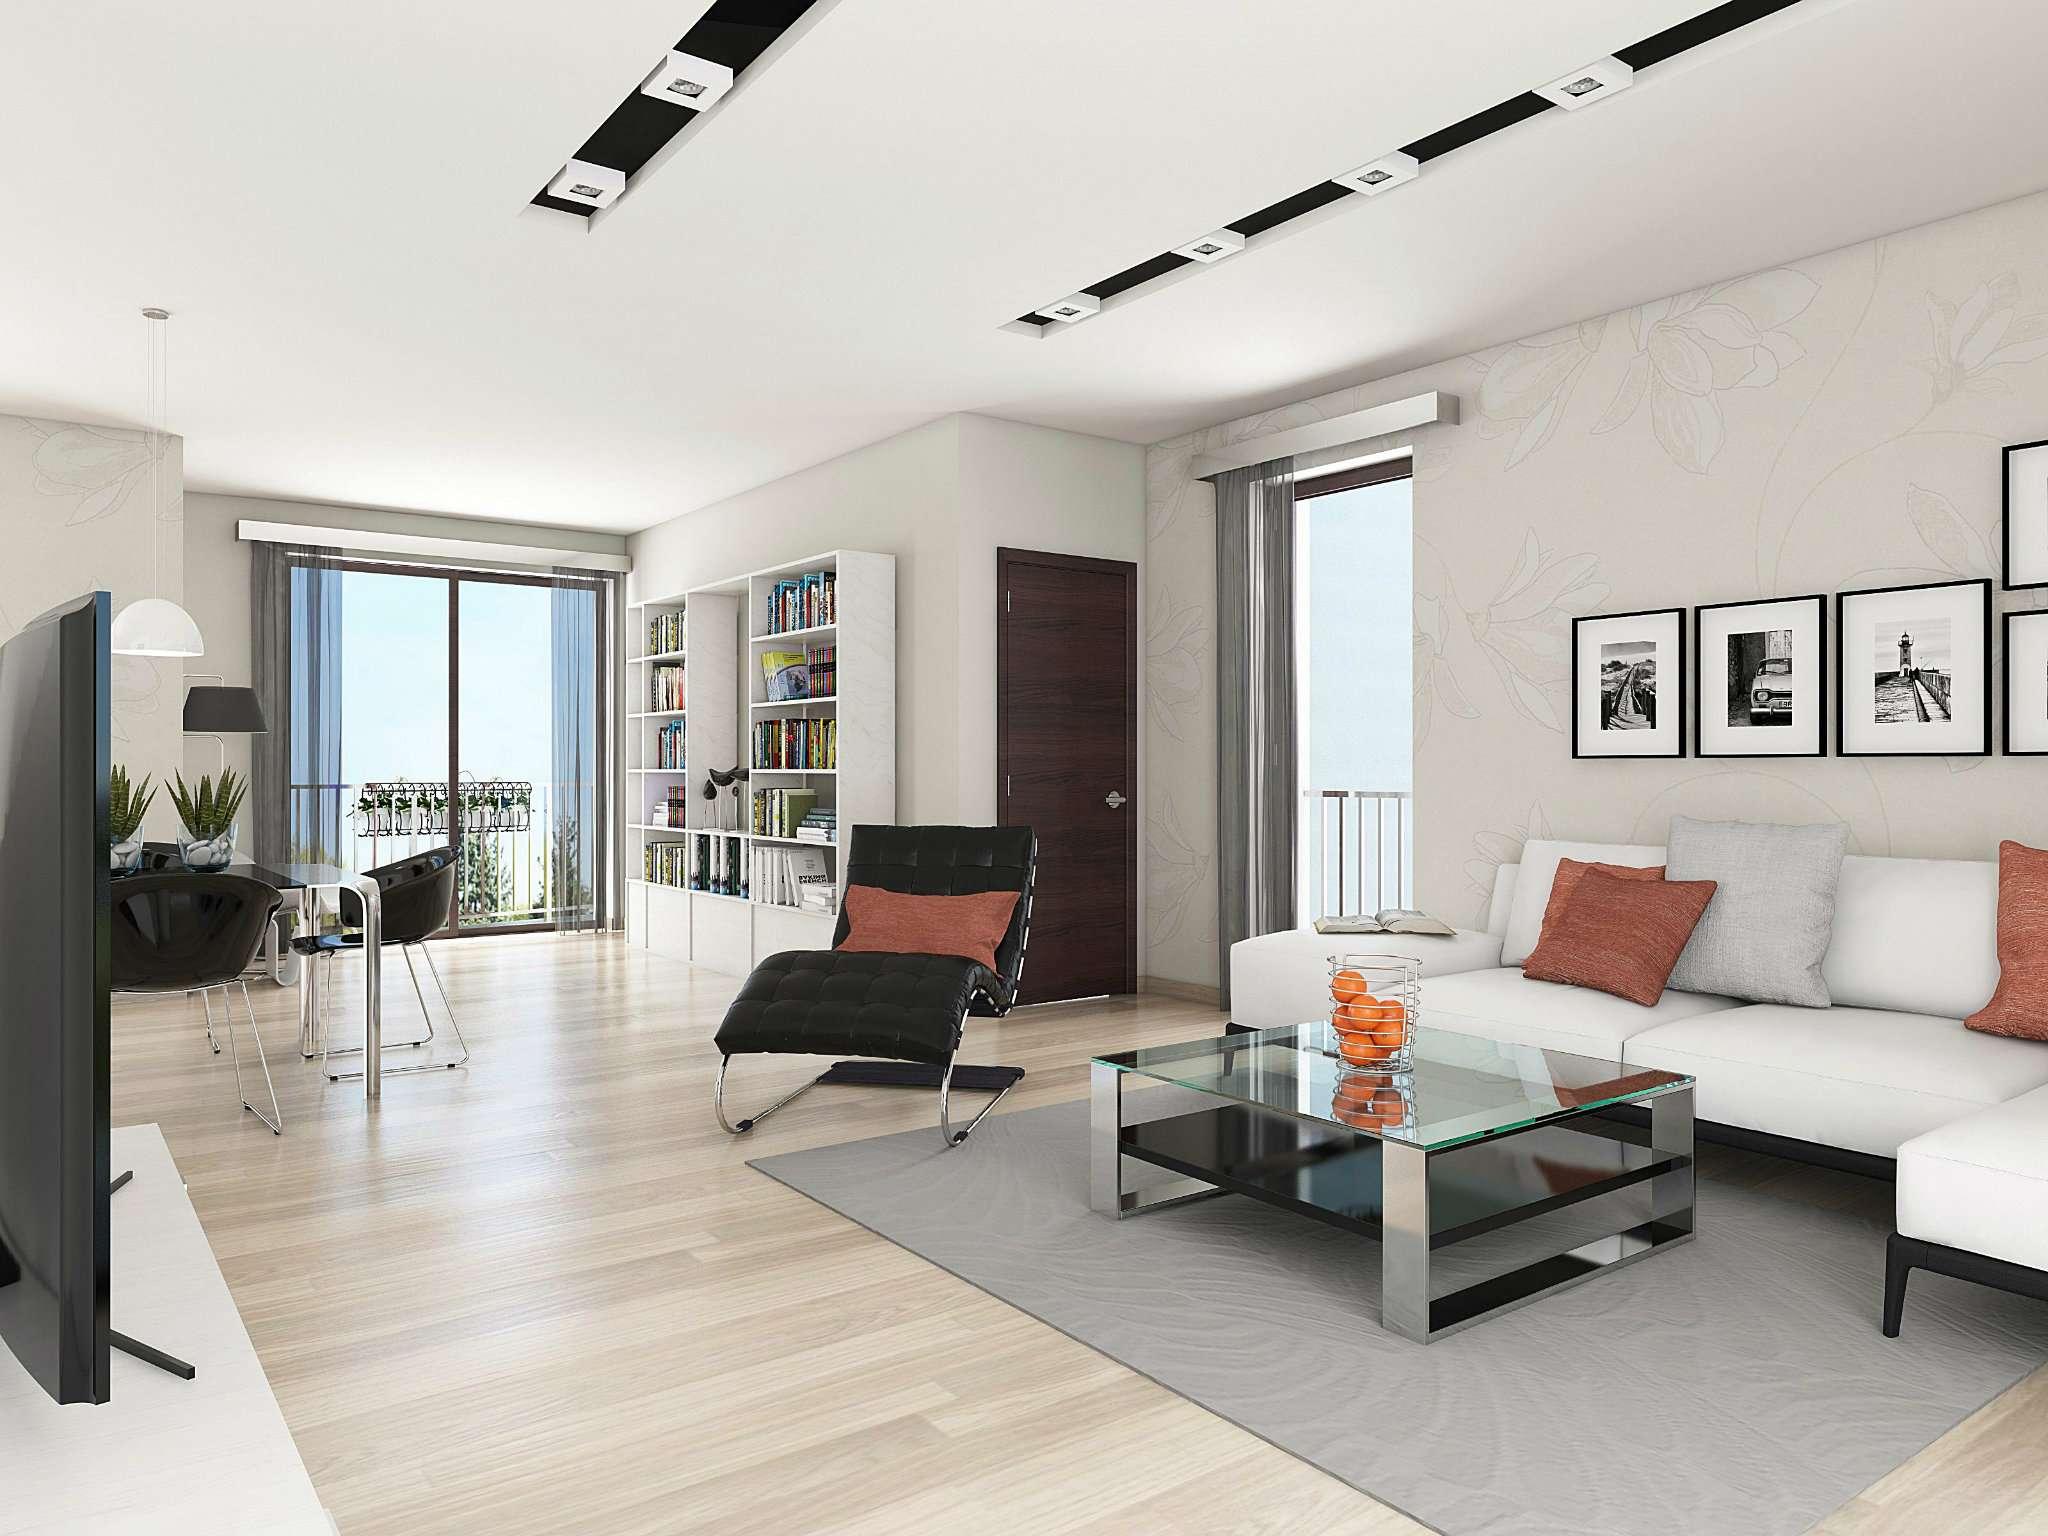 Cerco casa milano mi appartamento in vendita a milano for Case in vendita milano centro